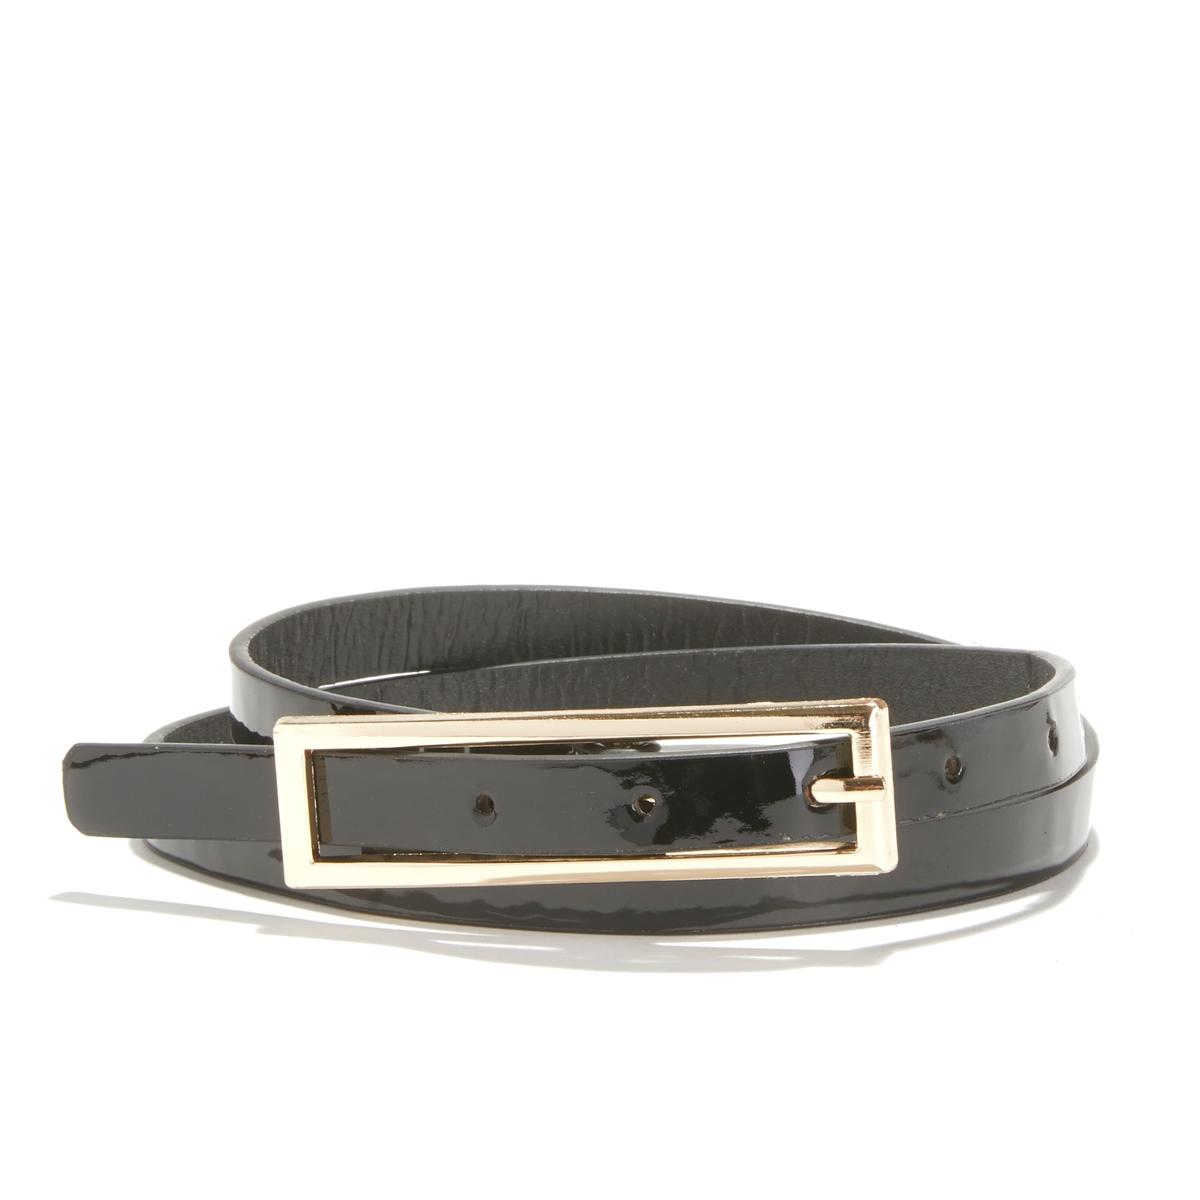 Cinturón fino de charol con hebilla cuadrada